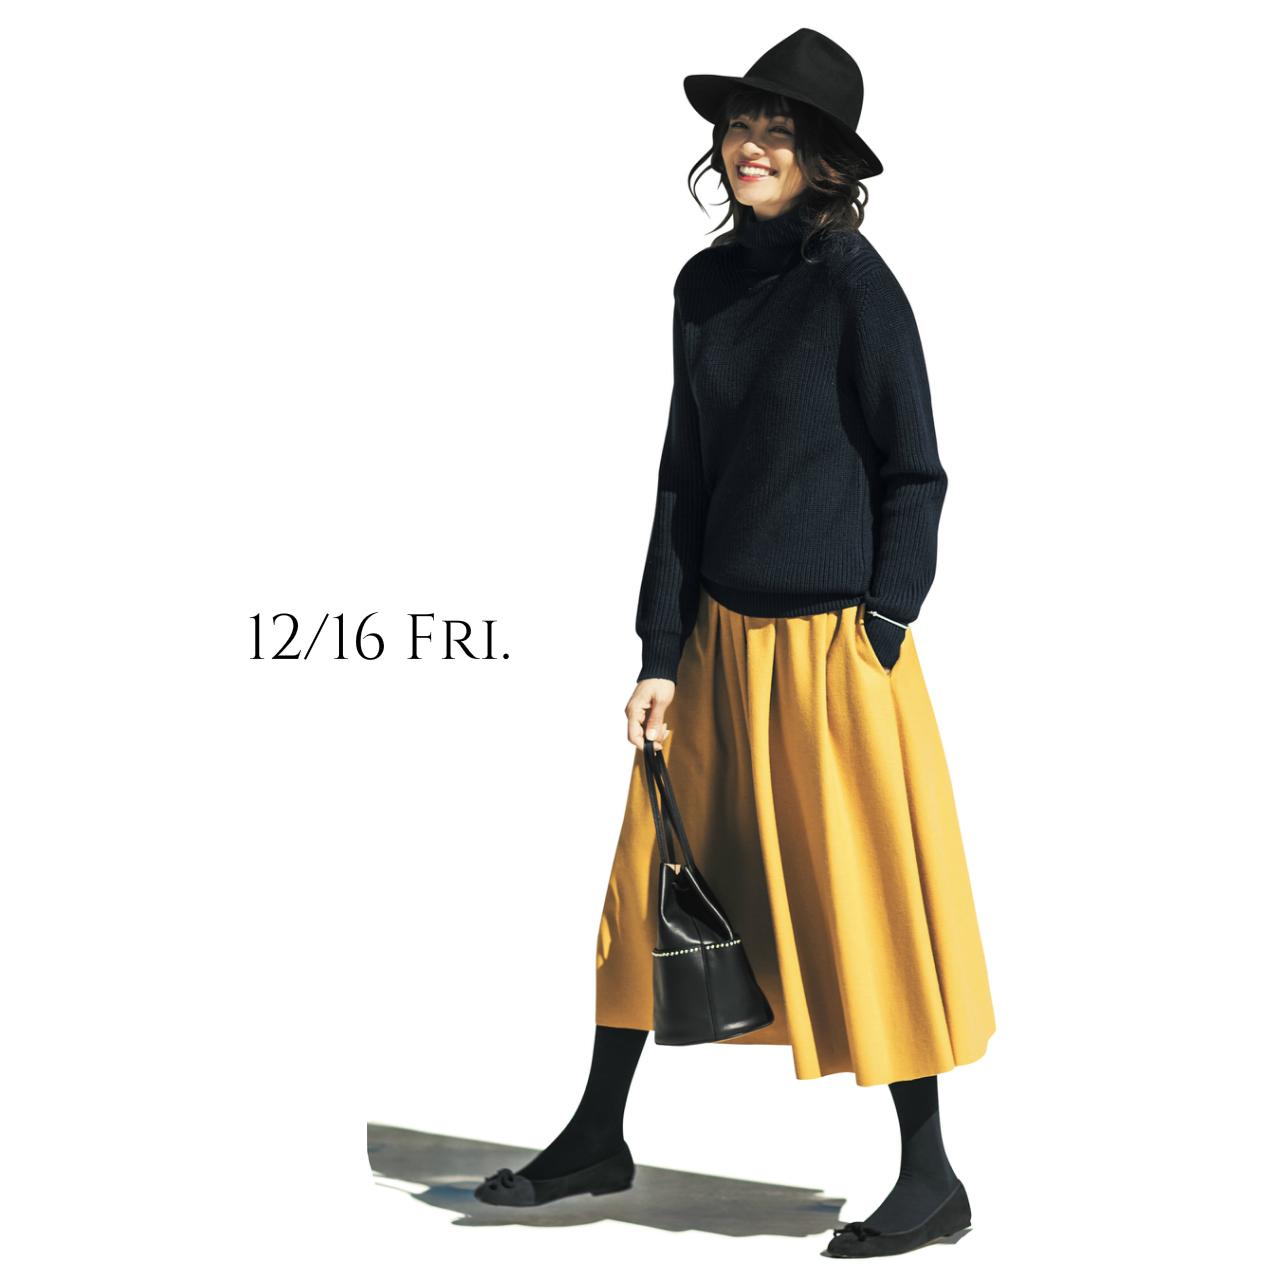 気持ちが前向きになる元気なマスタード色のスカートでリフレッシュ!_1_1